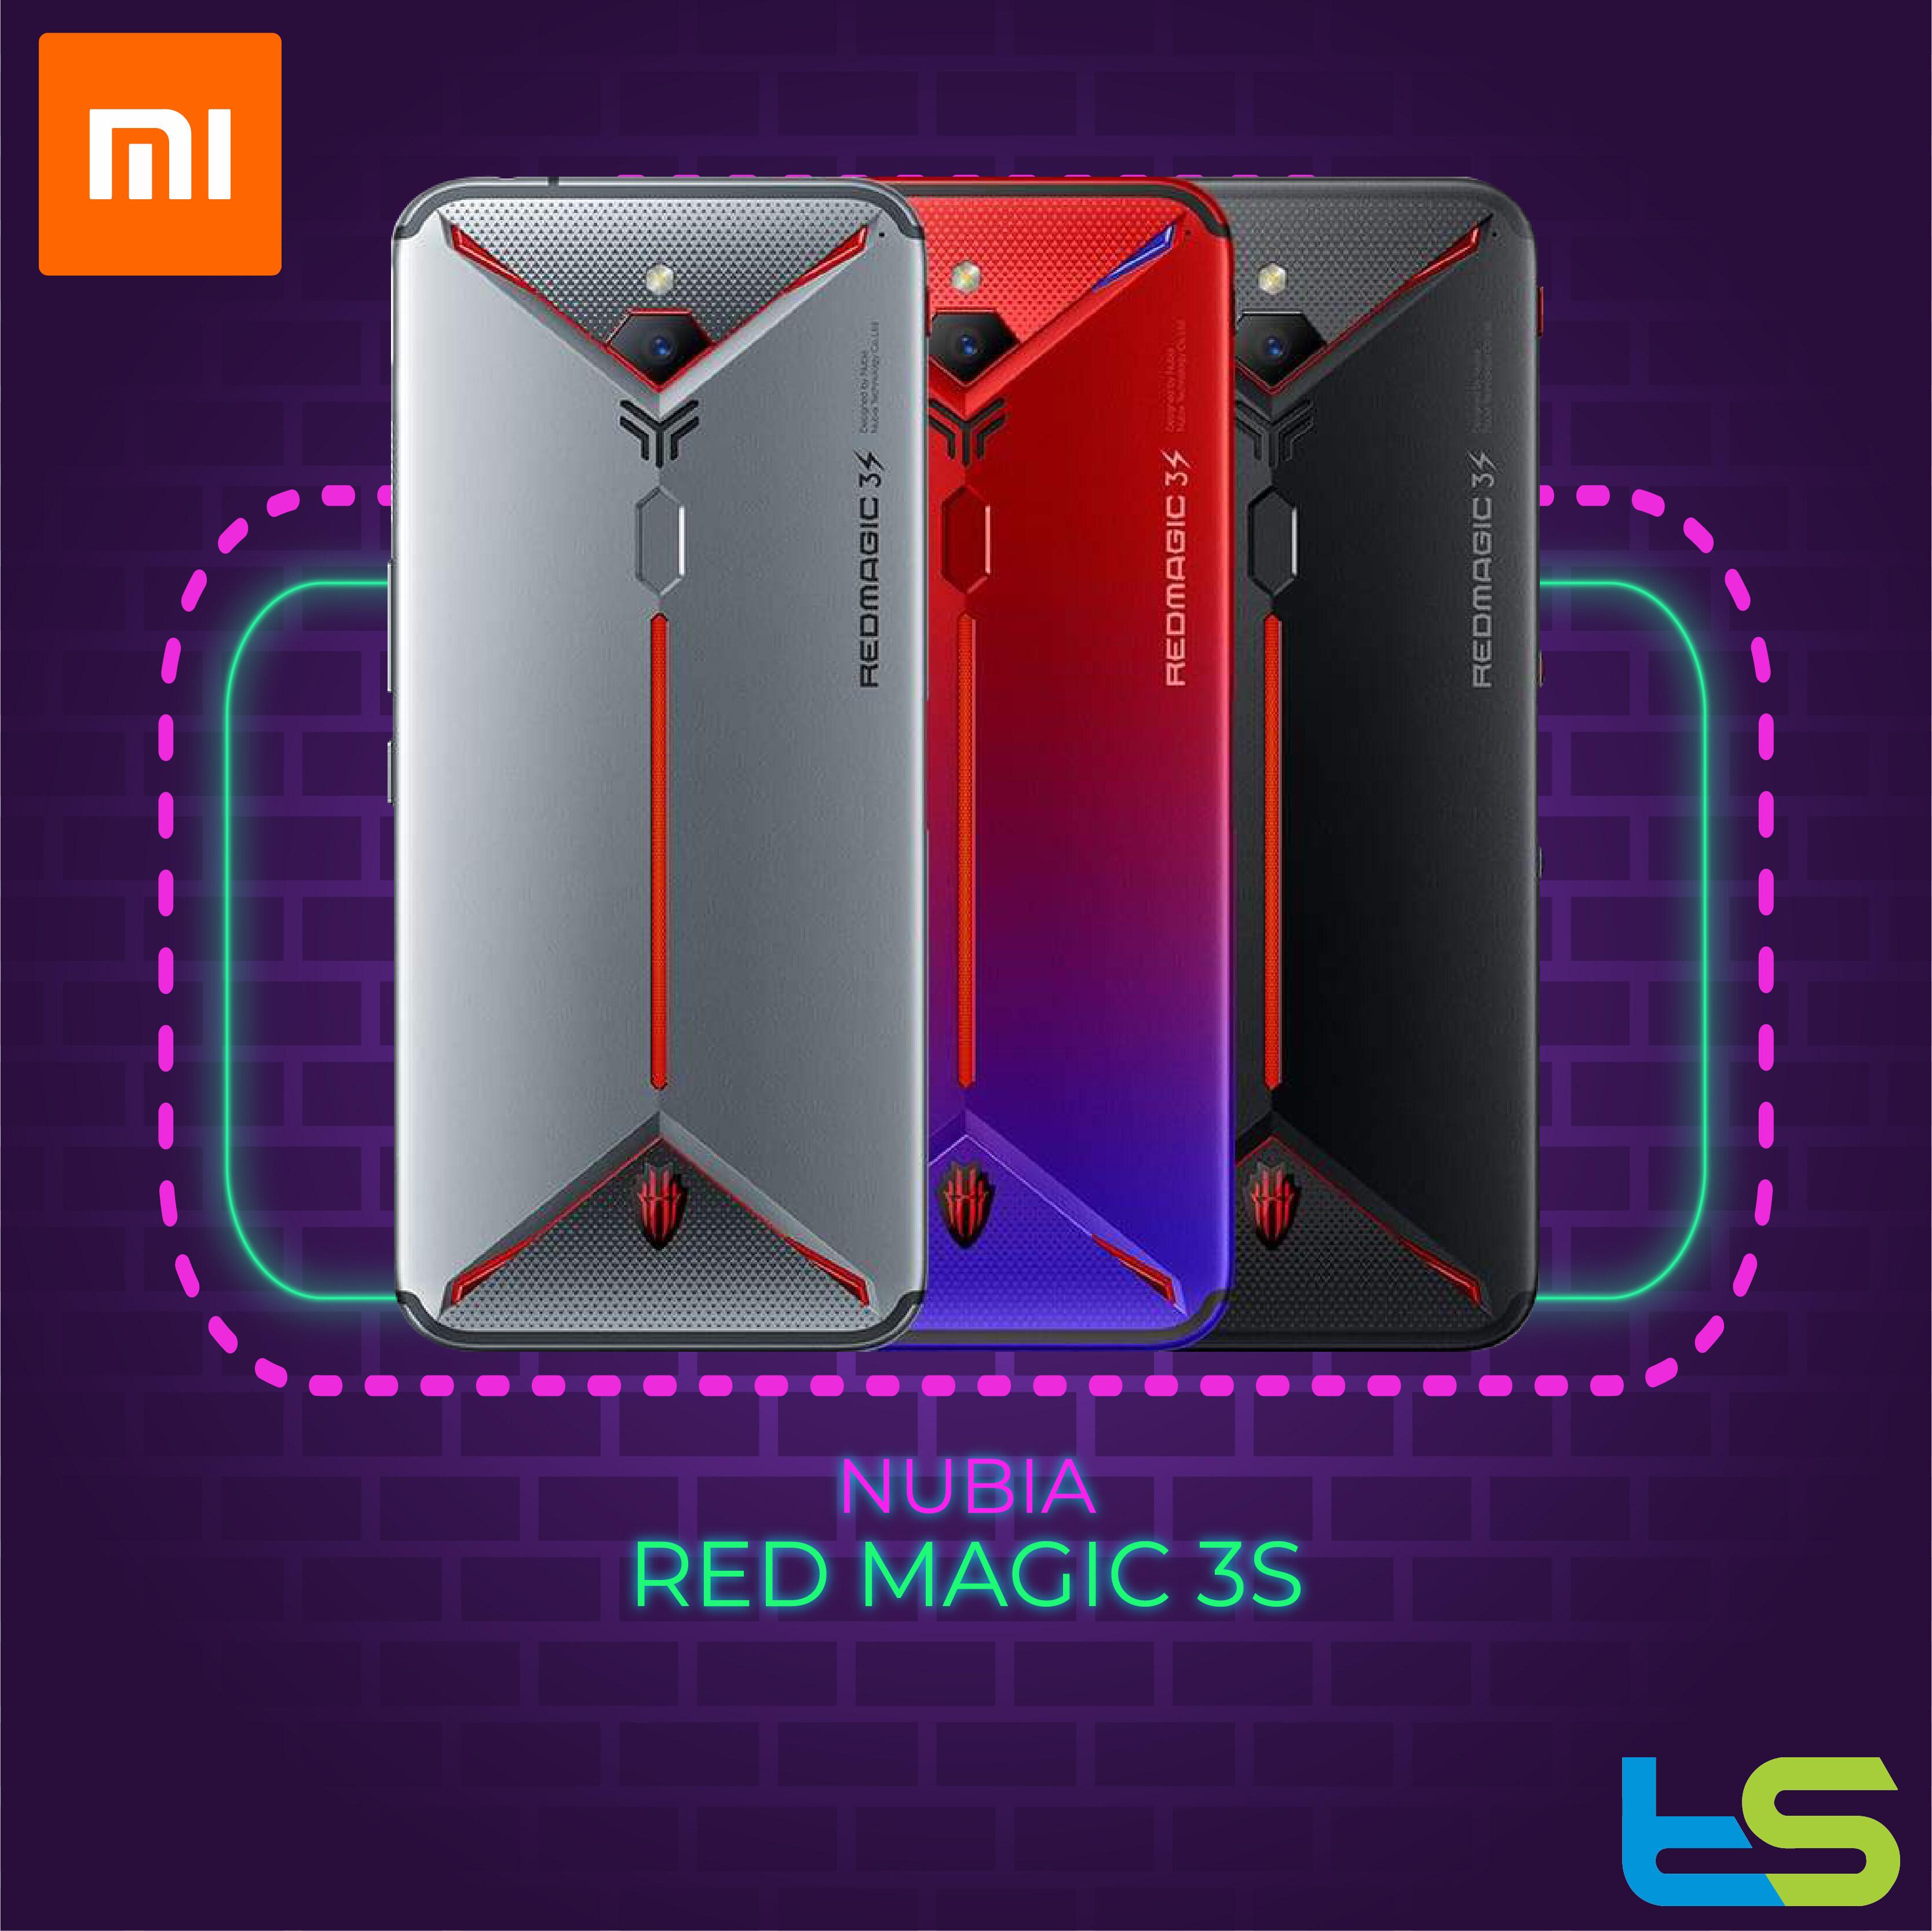 Nubia Red Magic 3S 8+128GB / 12+256GB [1 Year Local Malaysia Warranty]